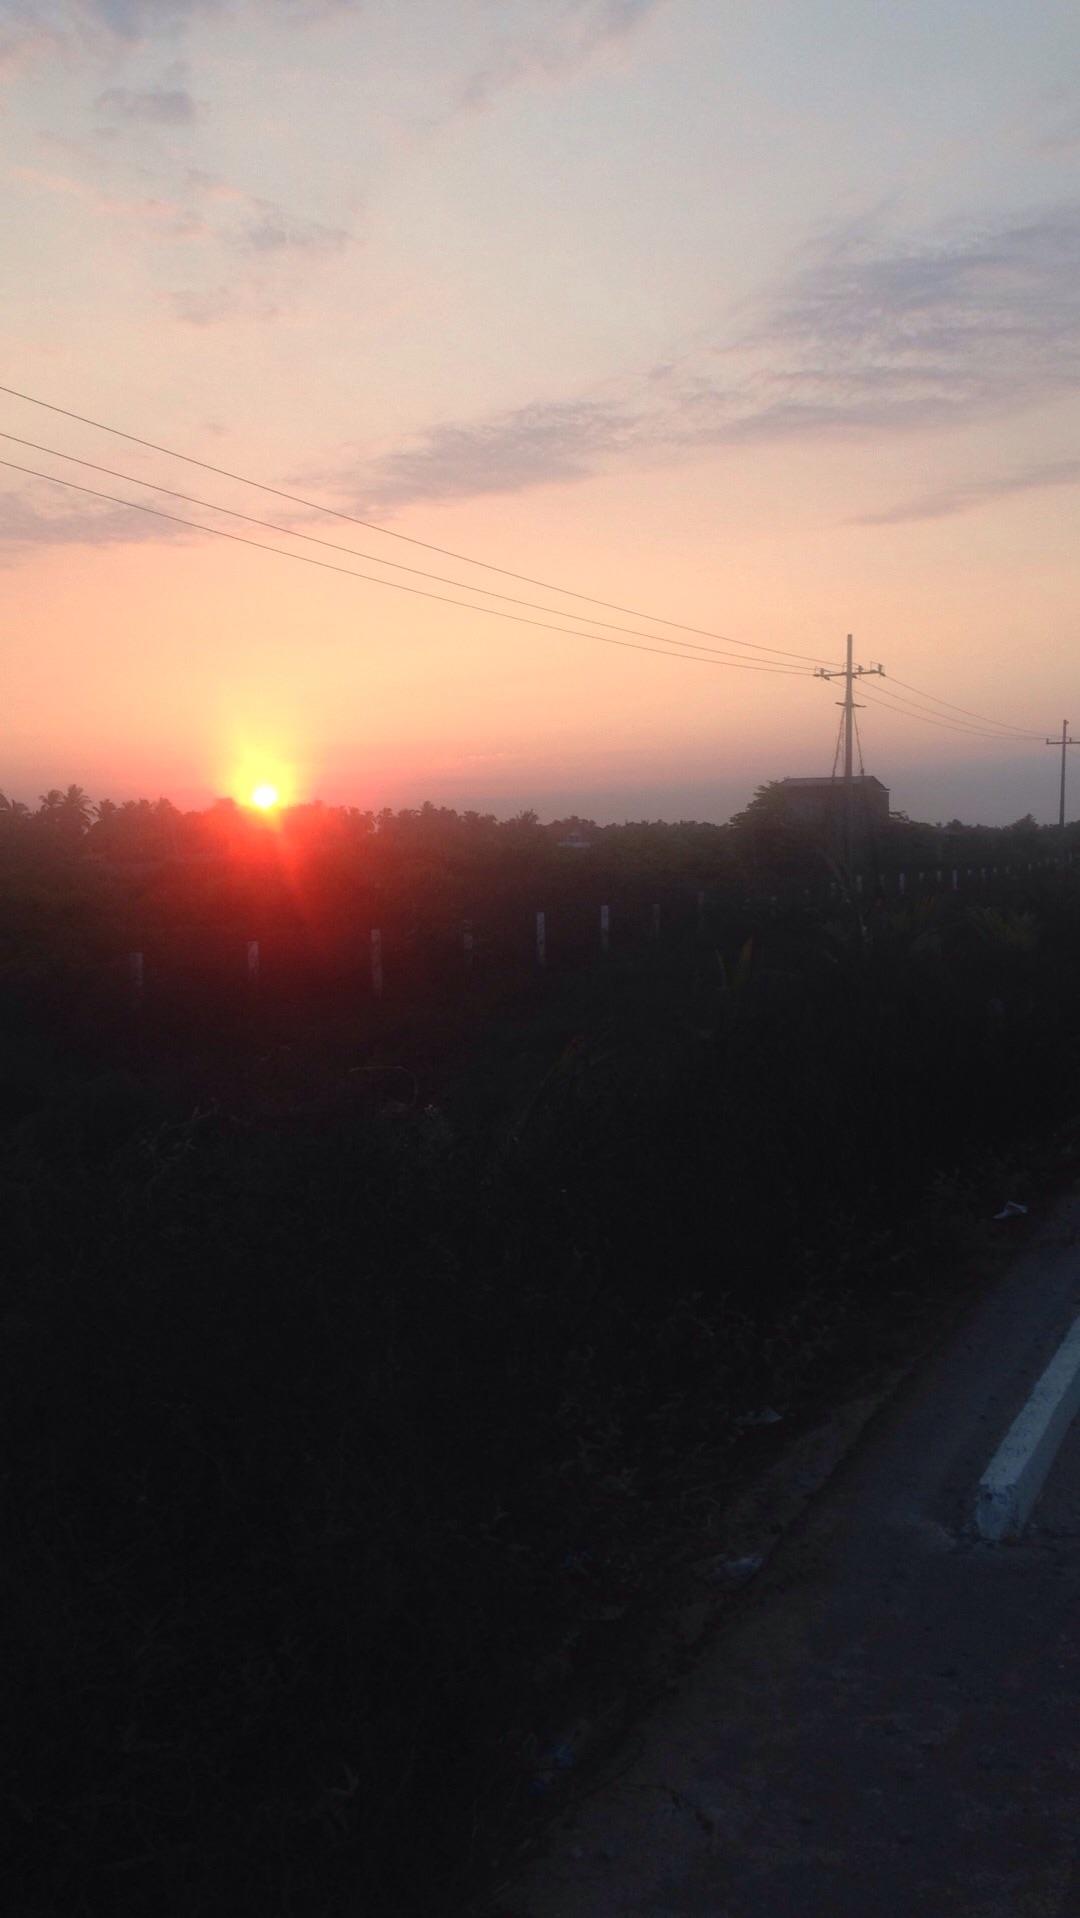 Sun rise in the pacific coast